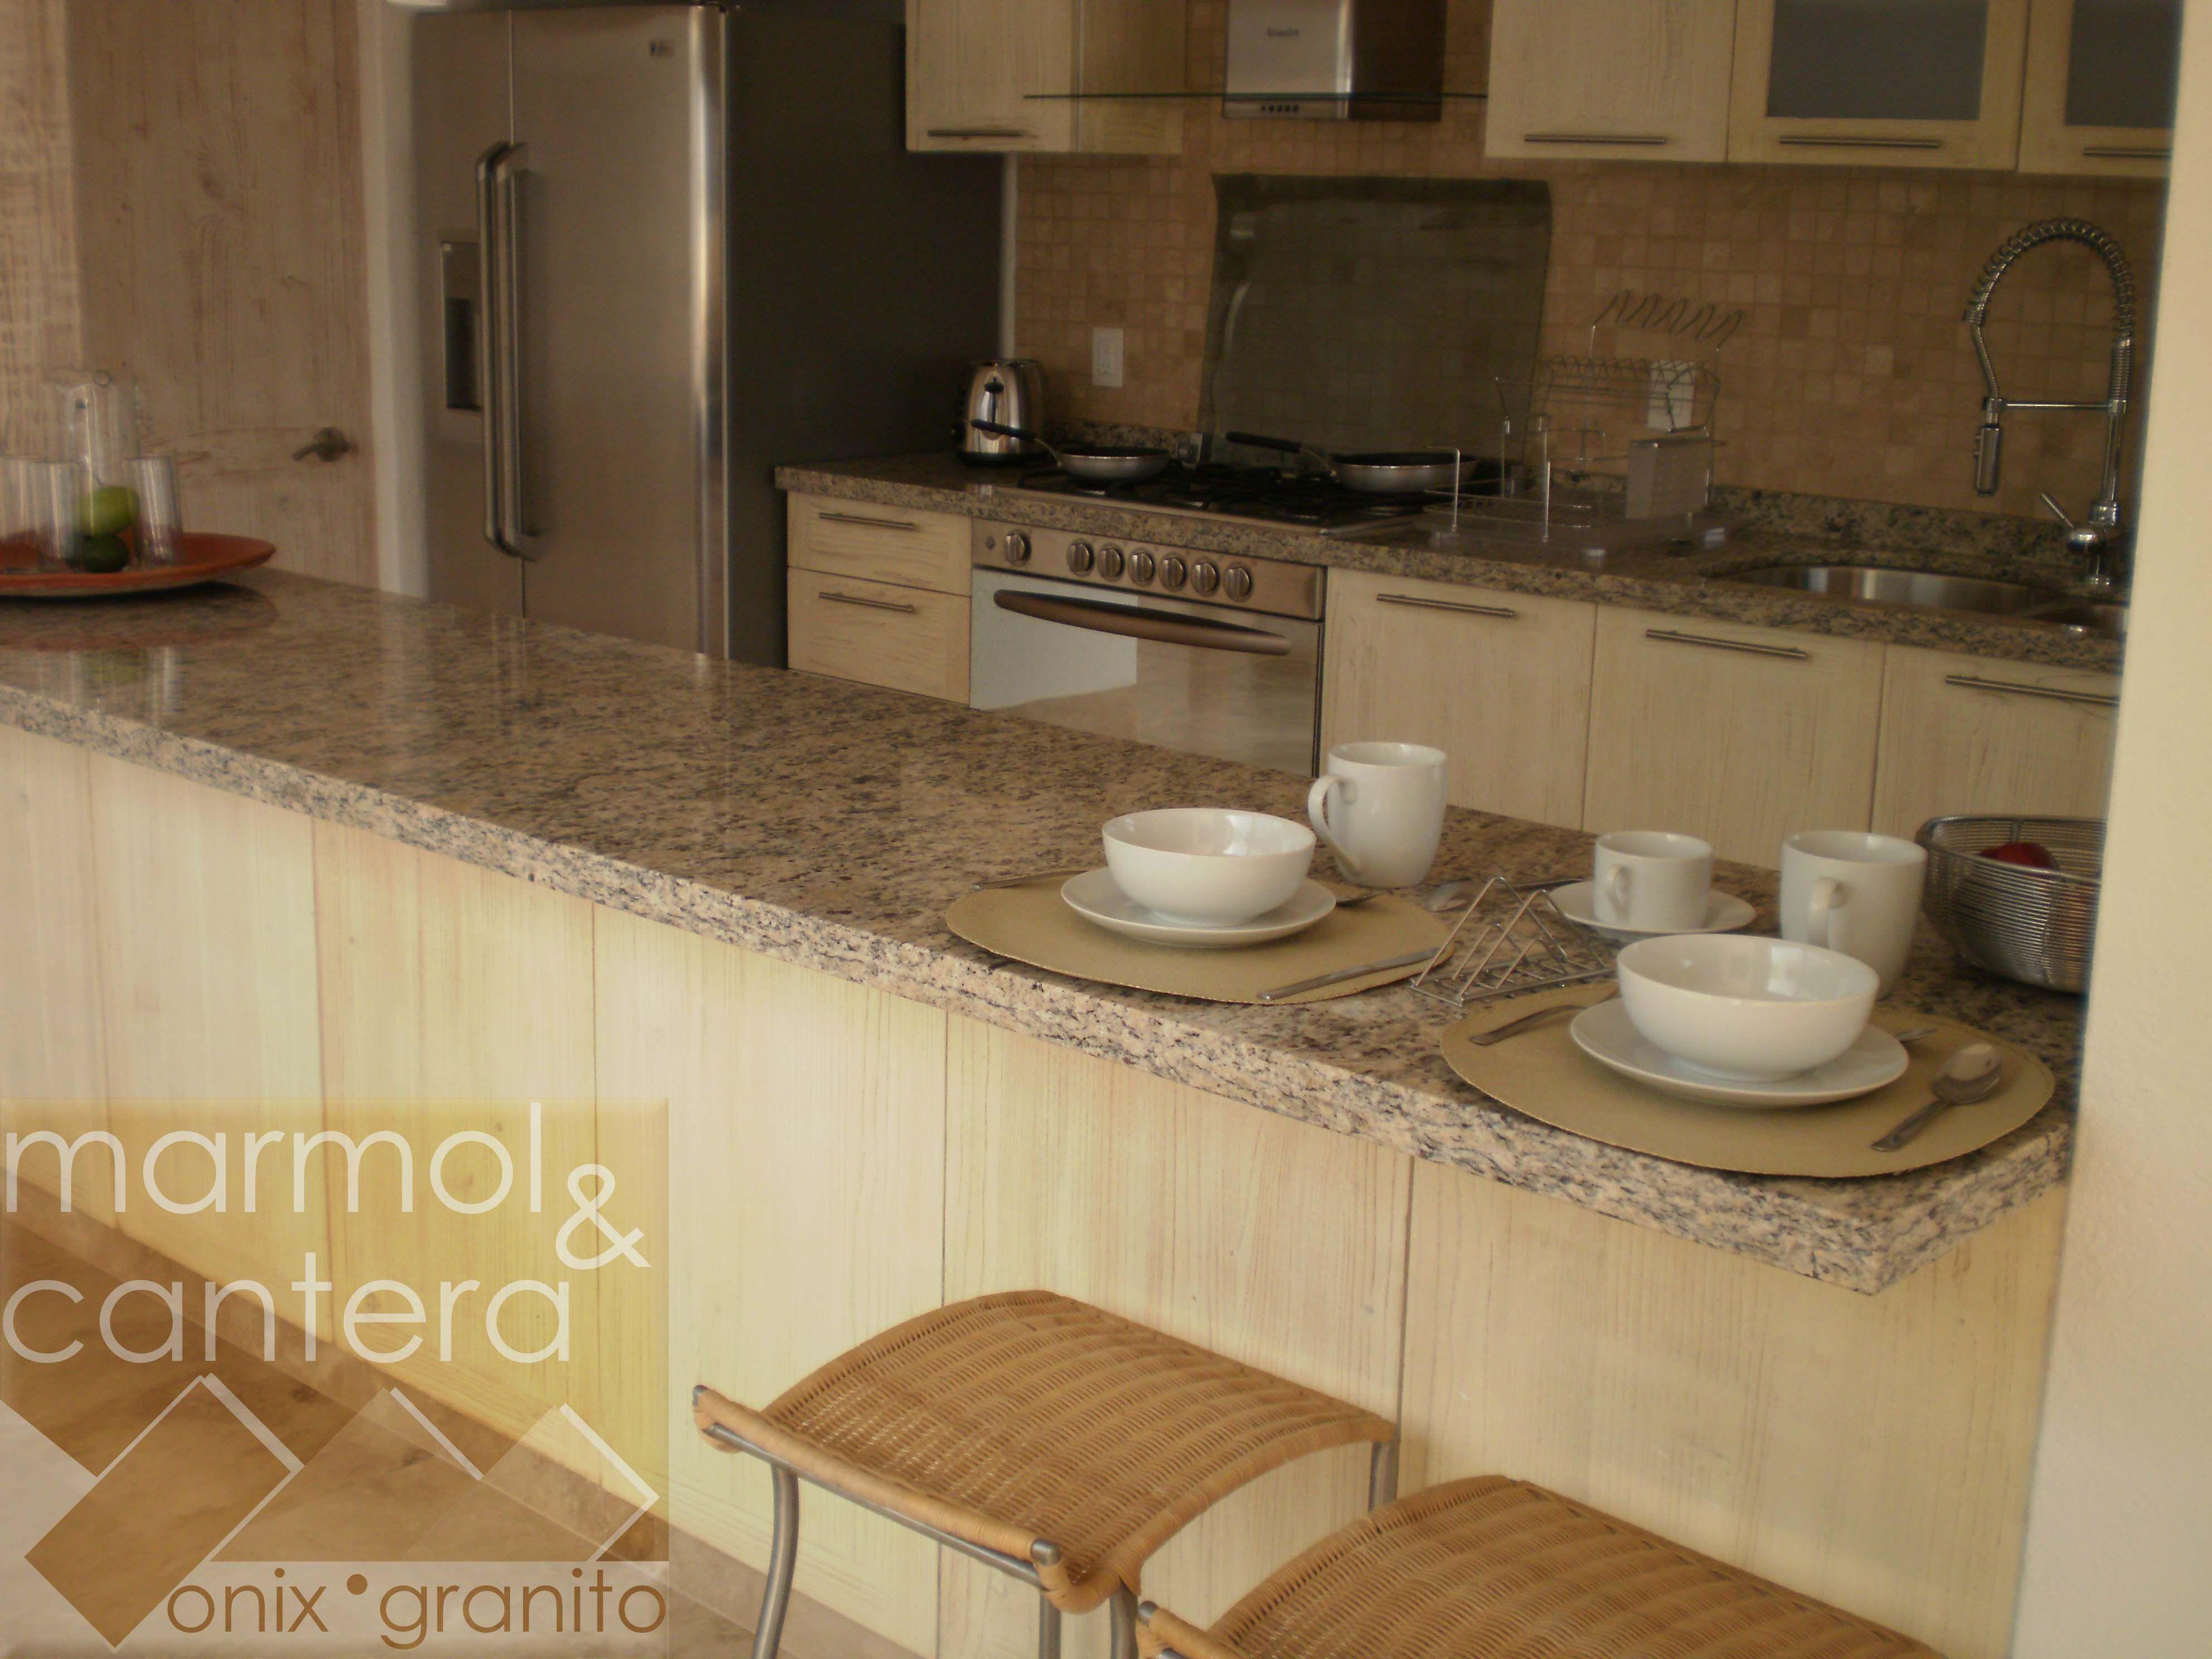 fabricamos la cubierta de granito para tu cocina a la medida whatsapp